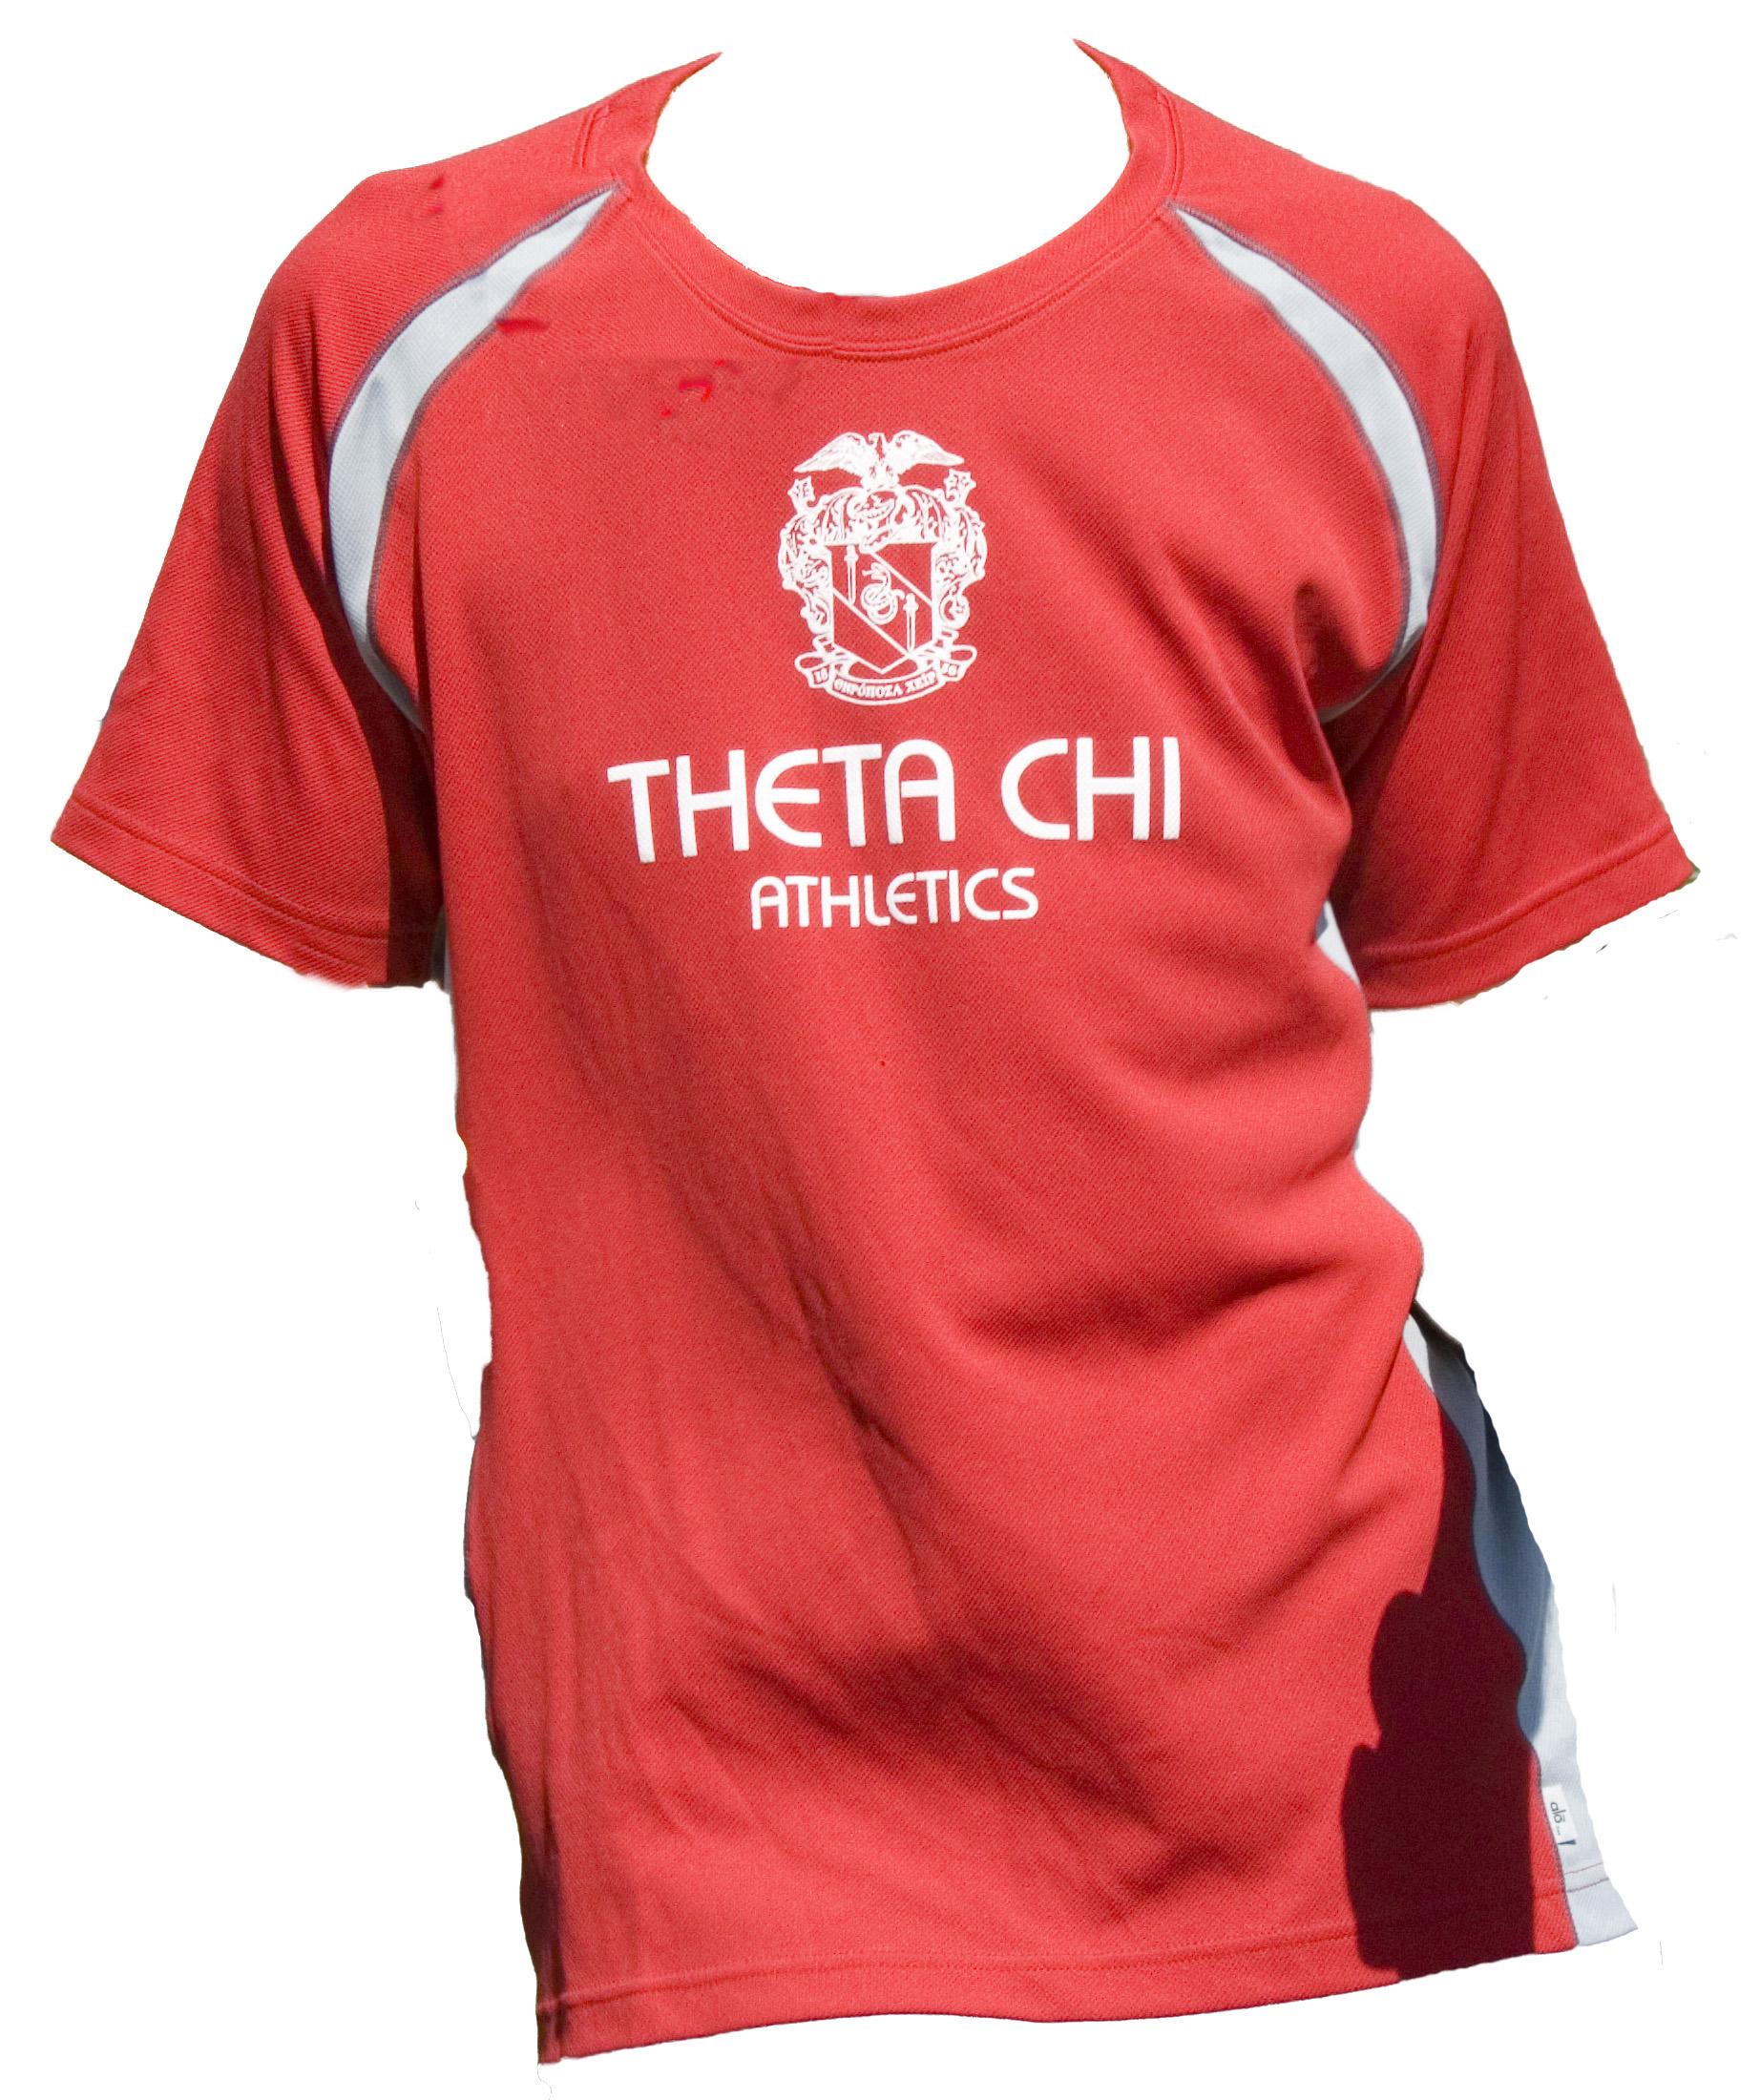 2008 Theta Chi Athletics Shirt